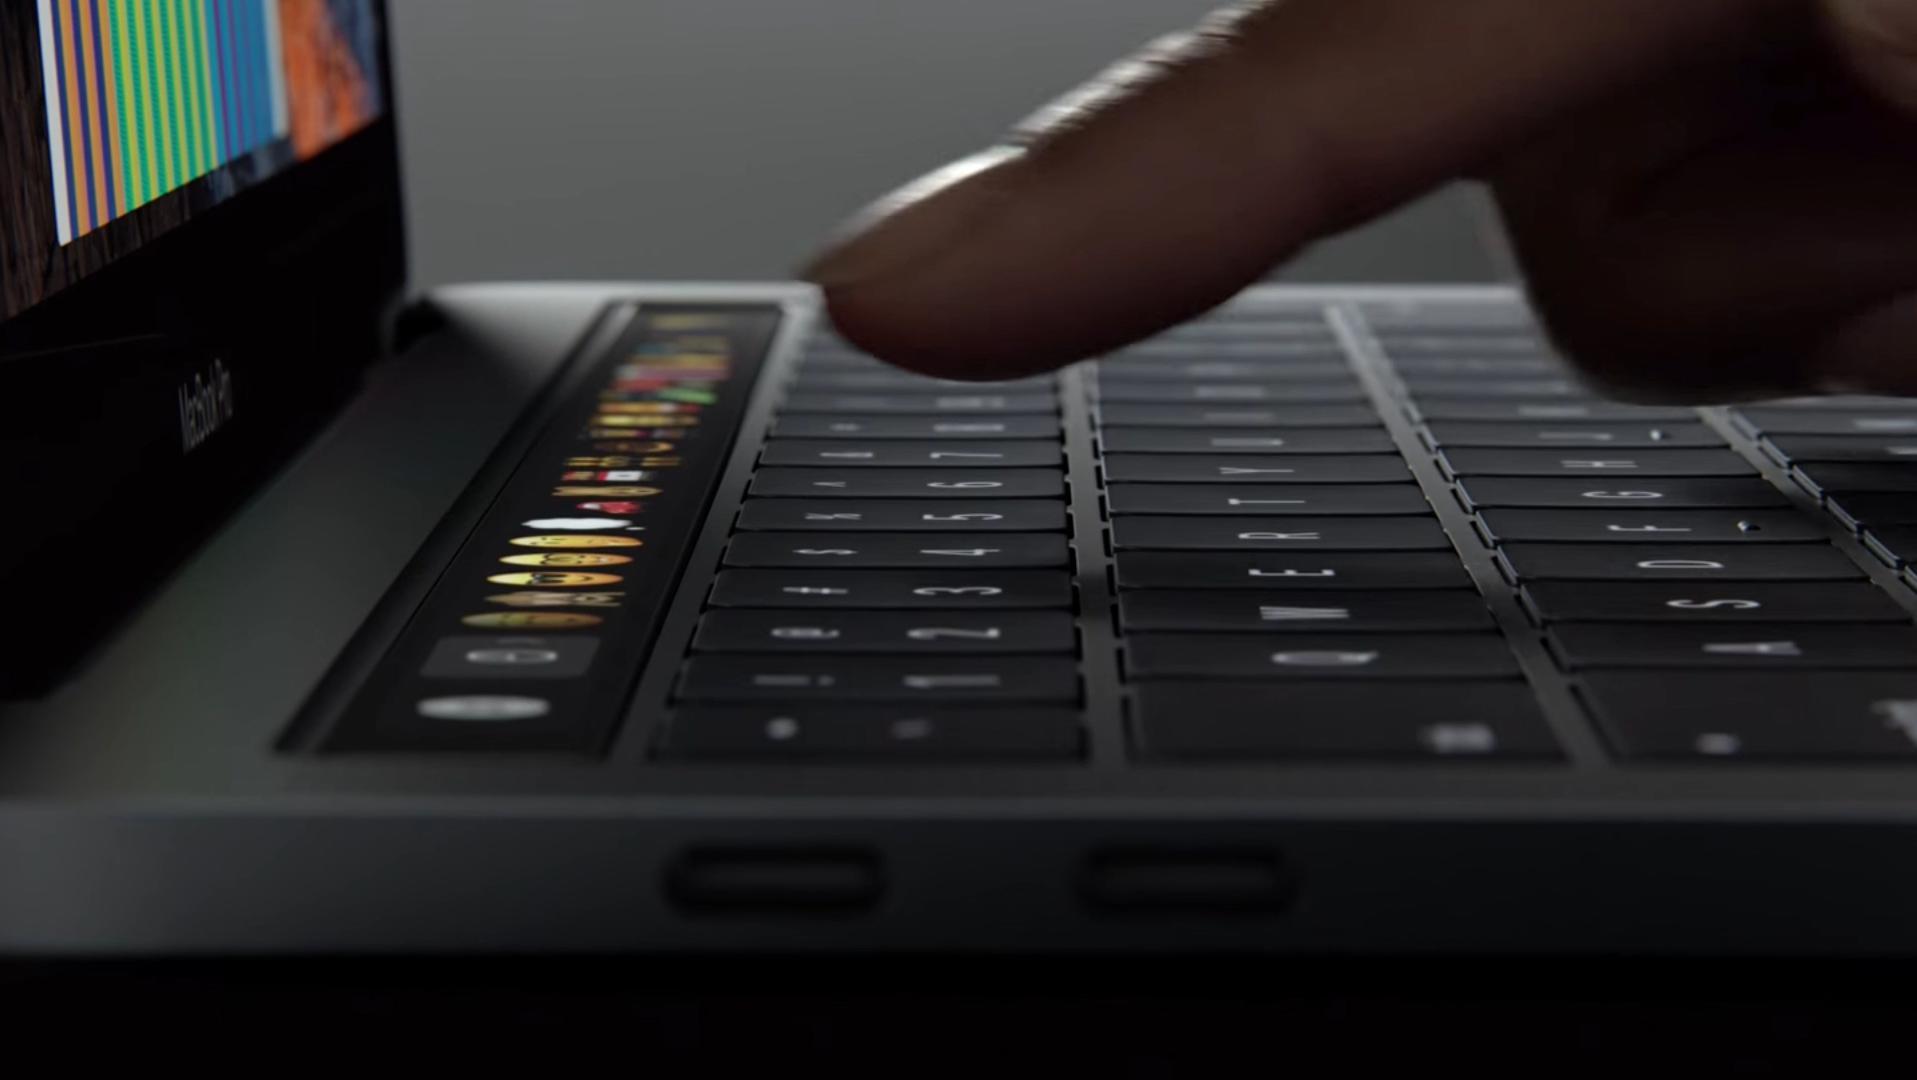 苹果 Mac Pro 终于更新了,�逝淖酝低计�但下一代的模块化设计会成为它的终结者吗?